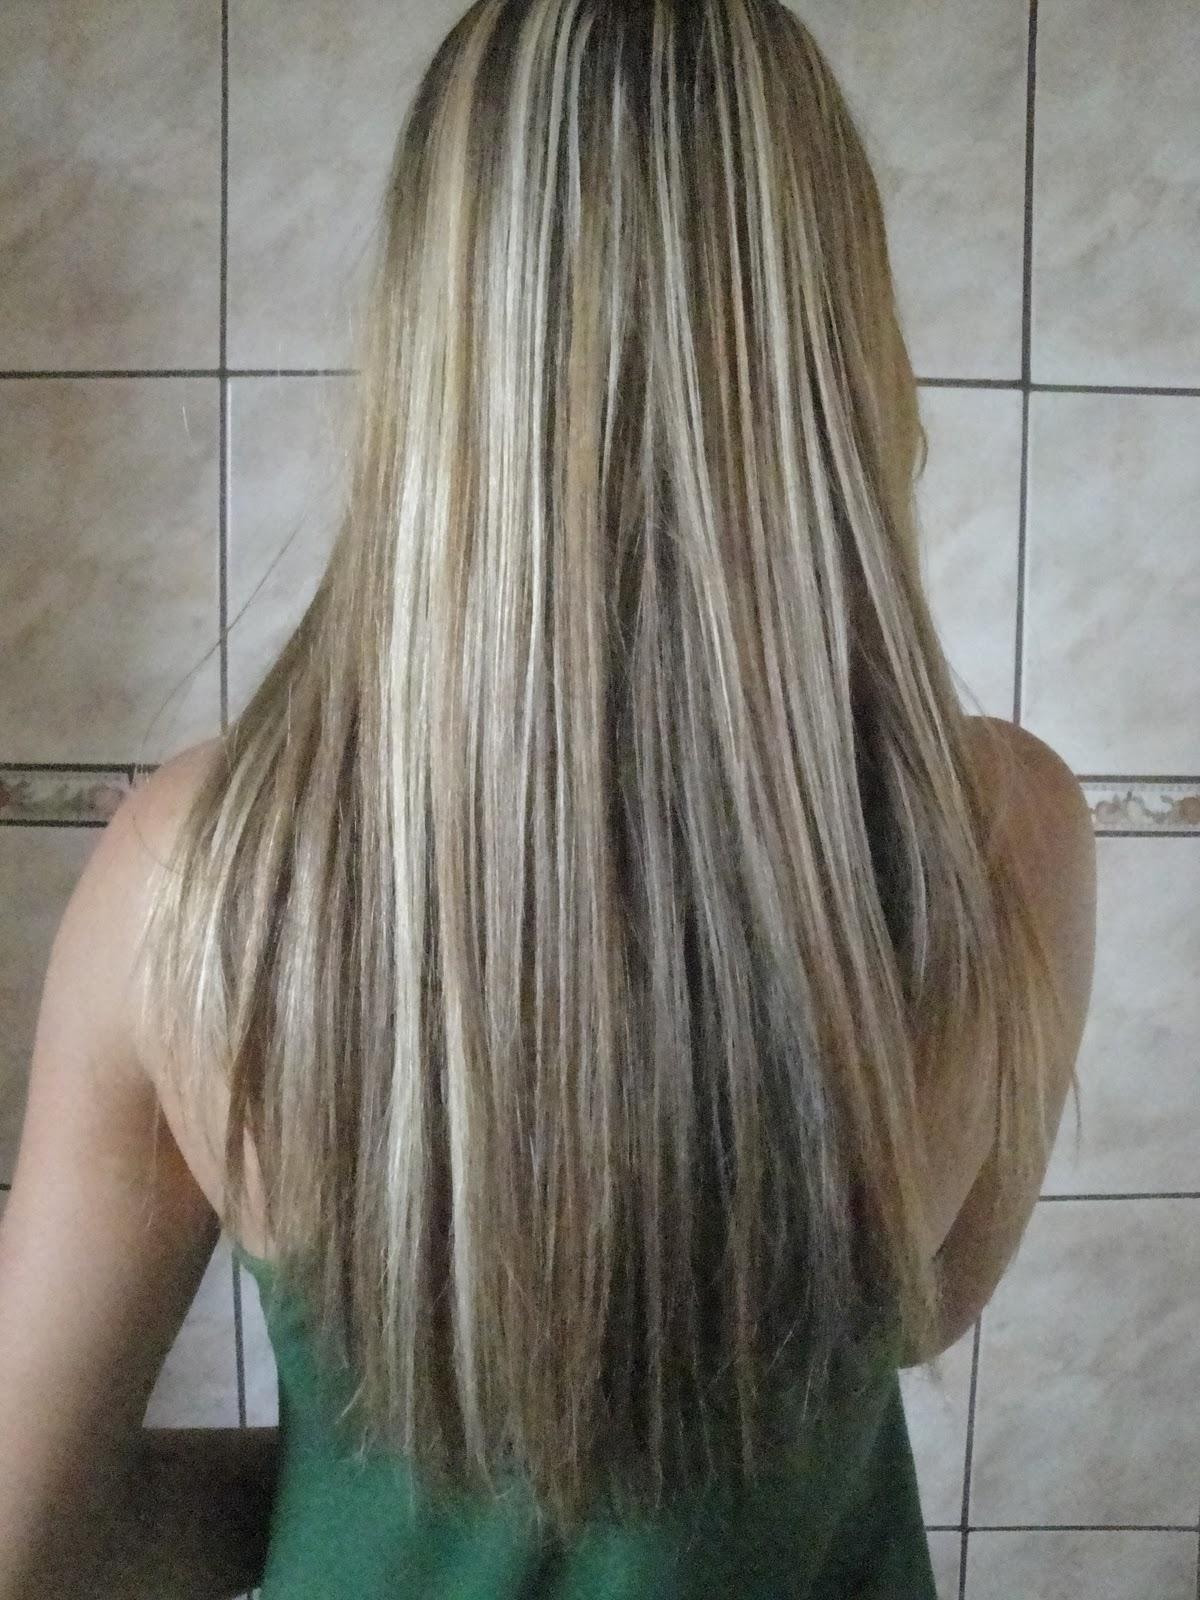 76bb034ad Segunda vez que faço luzes no meu cabelo e claro uma boa hidratação pois  quebra muito o cabelo, a ponta do meu cabelo está cheia de pontas duplas,  ...